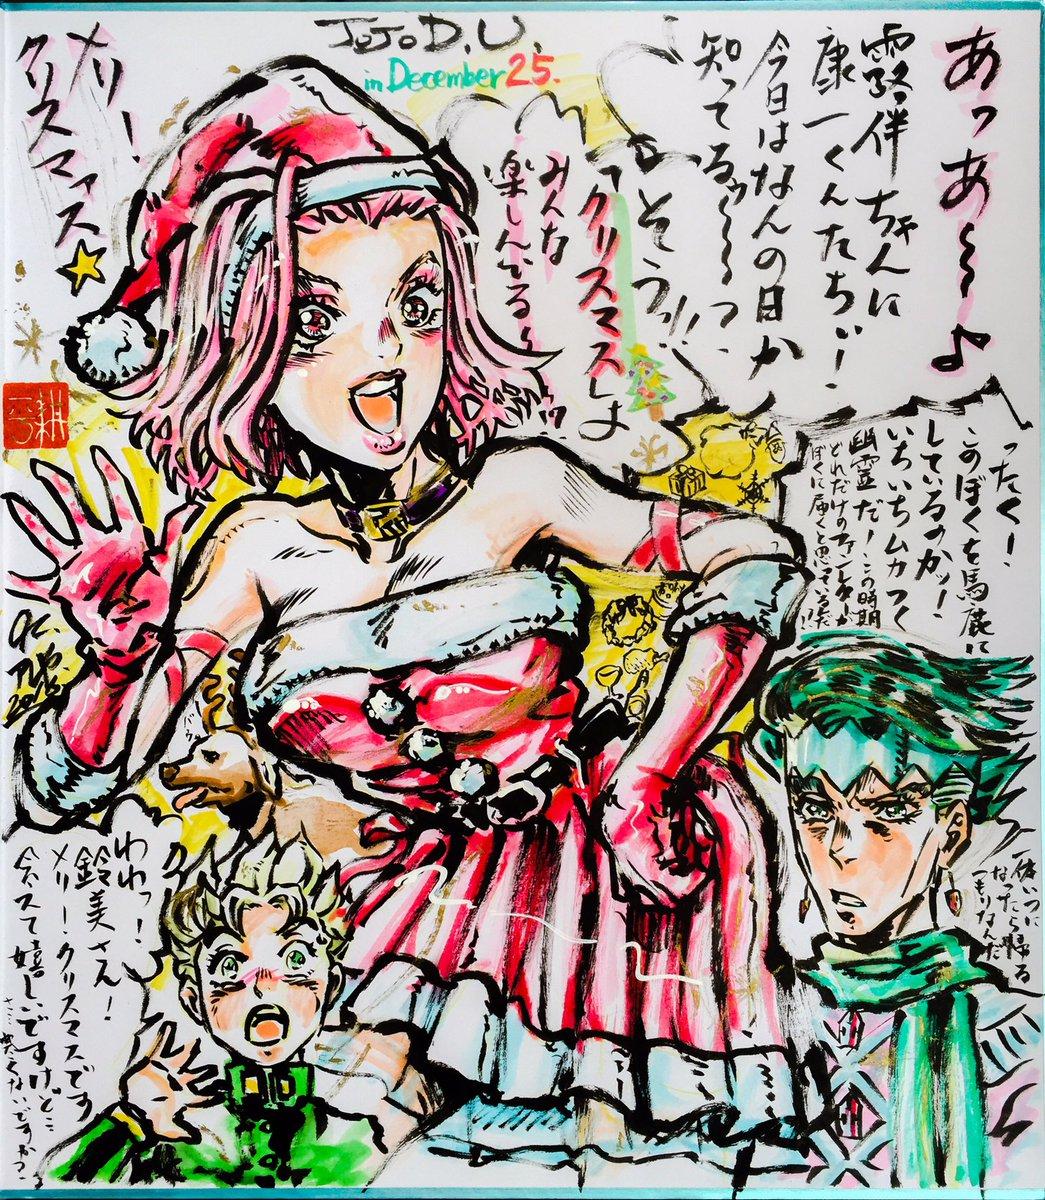 杜王町から皆様へ、メリー・クリスマス☆🎄🎅昨夜はMBS・TBC様にて放送、そして今夜BS11様で最終回「さよなら杜王町-黄金の心」、感涙の放送です!#jojo_anime#MerryChristmas#クリスマス #xmas pic.twitter.com/cP3WqAONx5